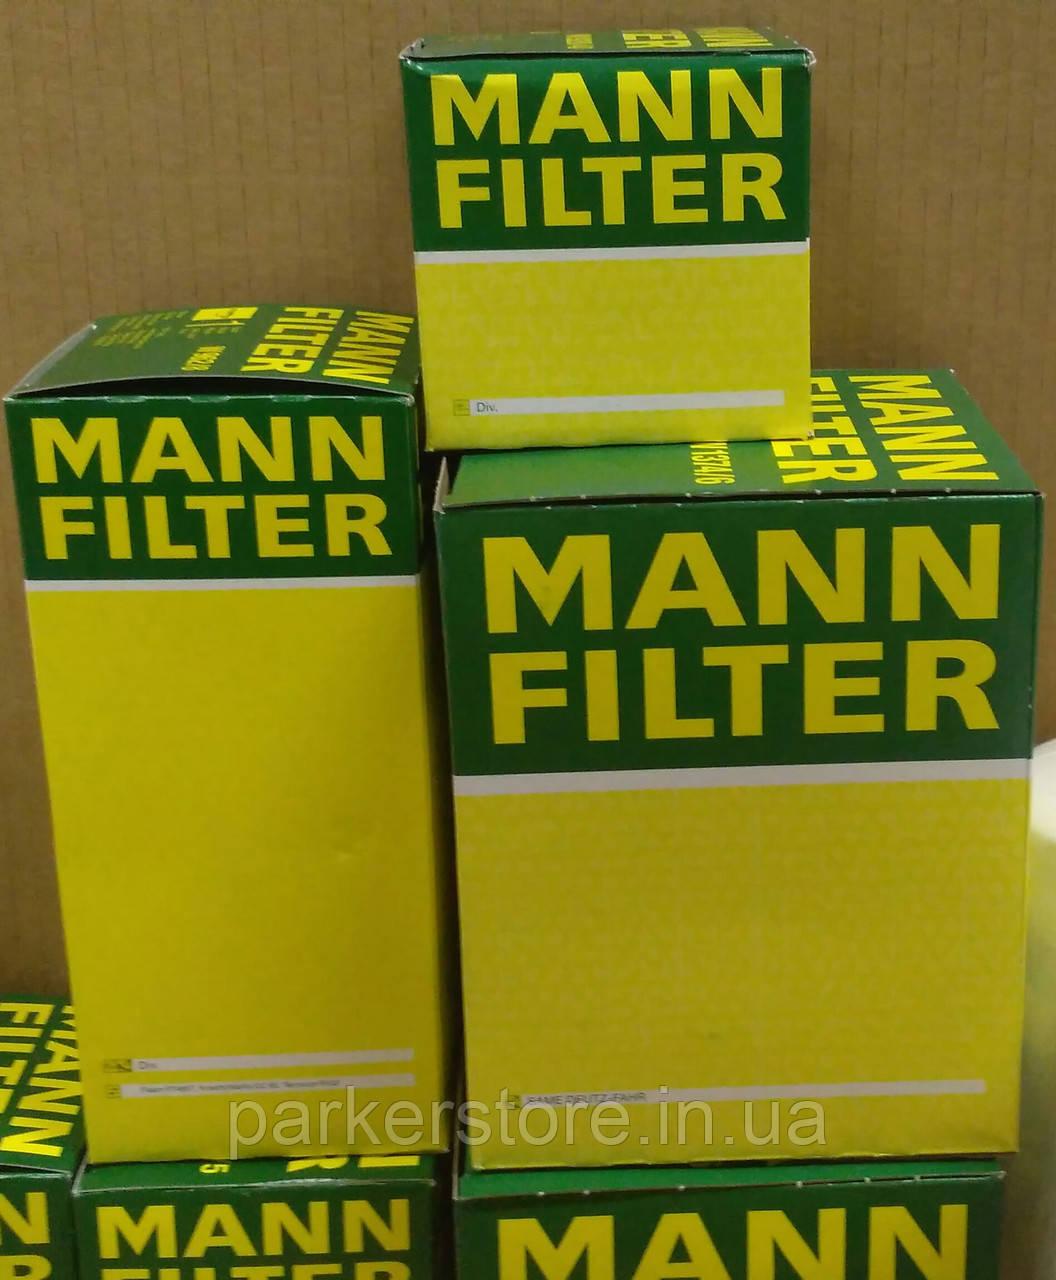 MANN FILTER / Воздушный фильтр / C 15 105/1 / C15105/1